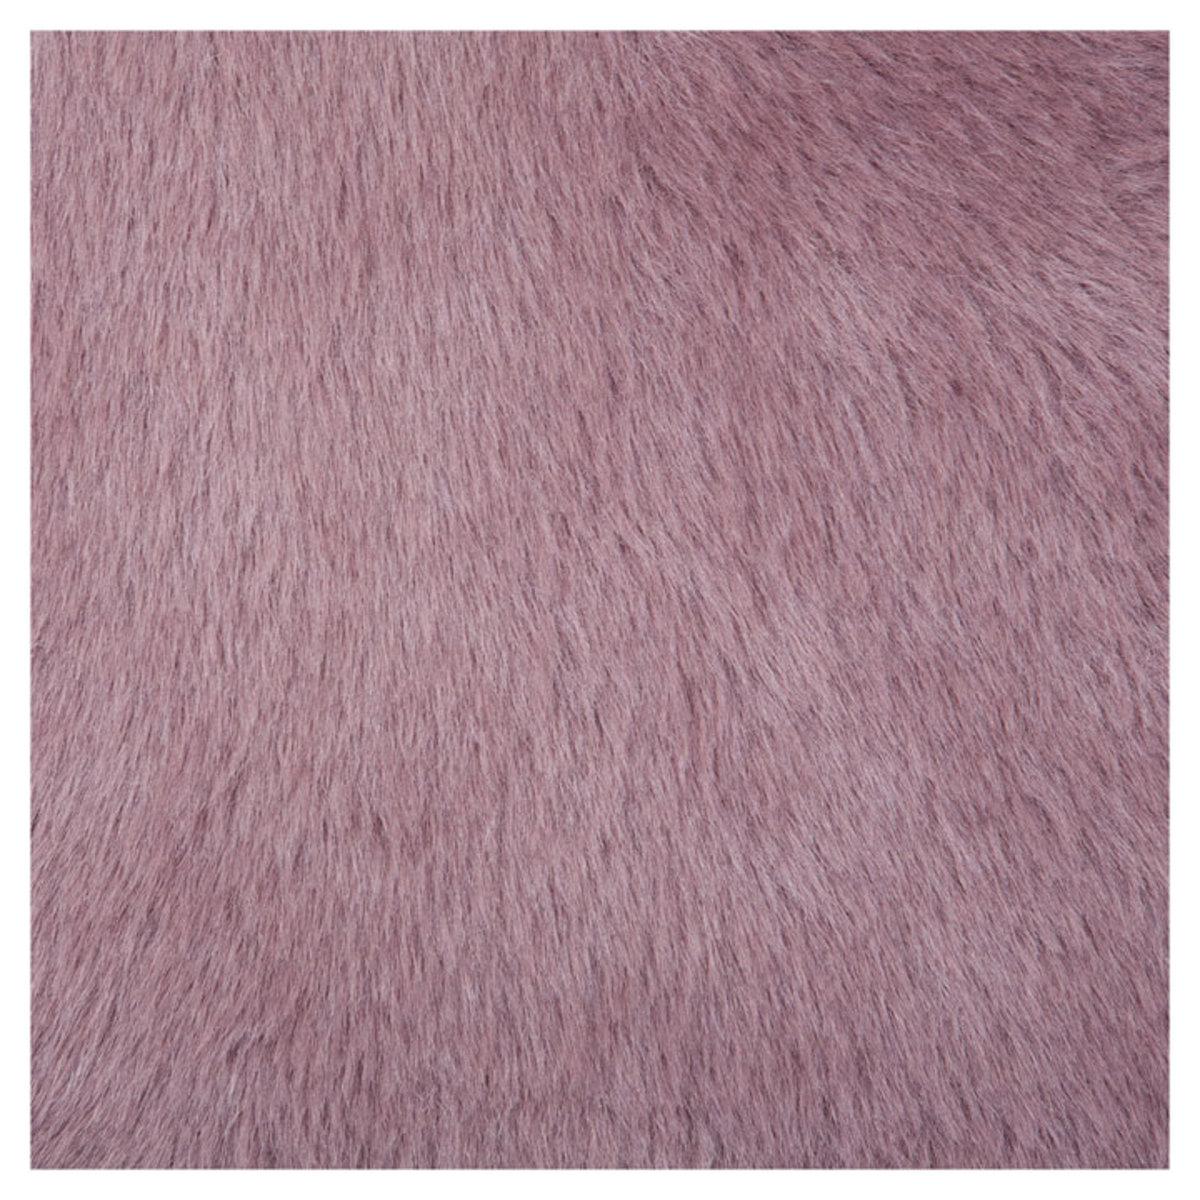 pilepoil tapis rond en fausse fourrure mauve gris 140 cm tapis pilepoil sur l 39 armoire de b b. Black Bedroom Furniture Sets. Home Design Ideas